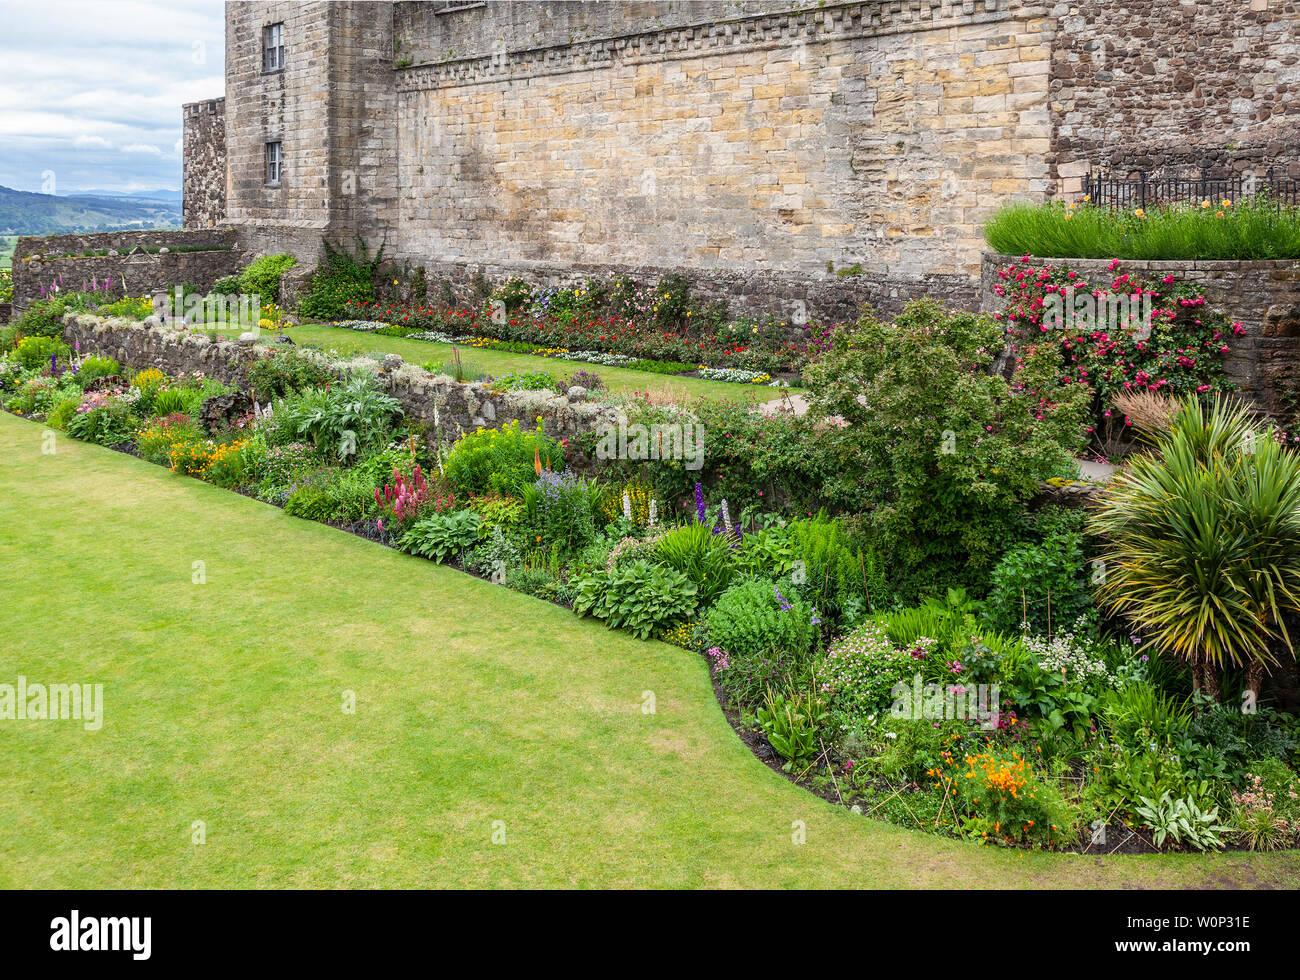 Das Queen Anne Gärten, dating vielleicht ab 1400, mit Rasen und Blumenrabatten, unter Stirling Castle, Schottland, Großbritannien Stockfoto